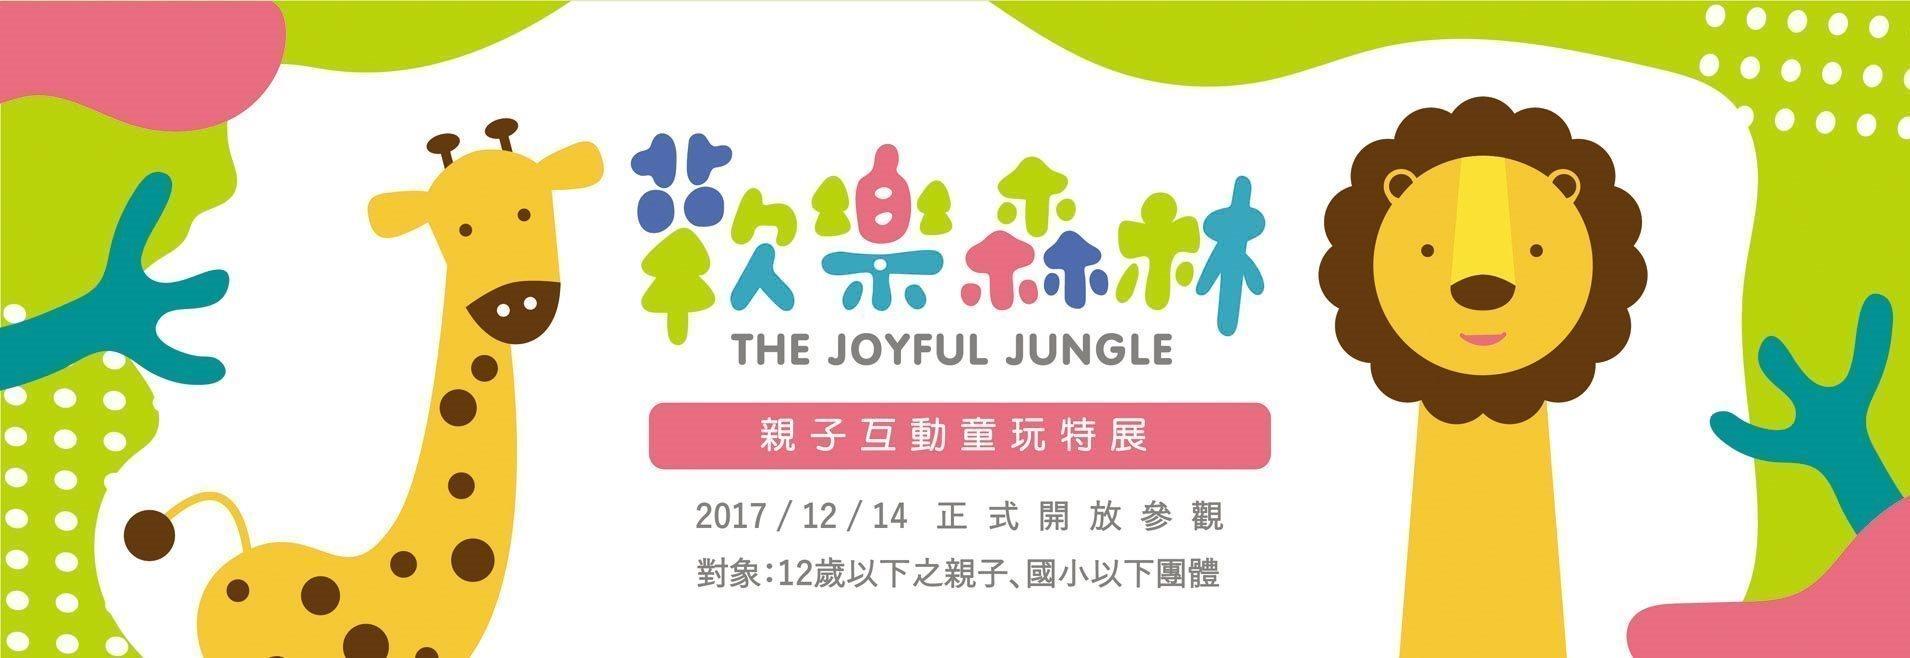 歡樂森林-親子互動童玩特展[另開新視窗]